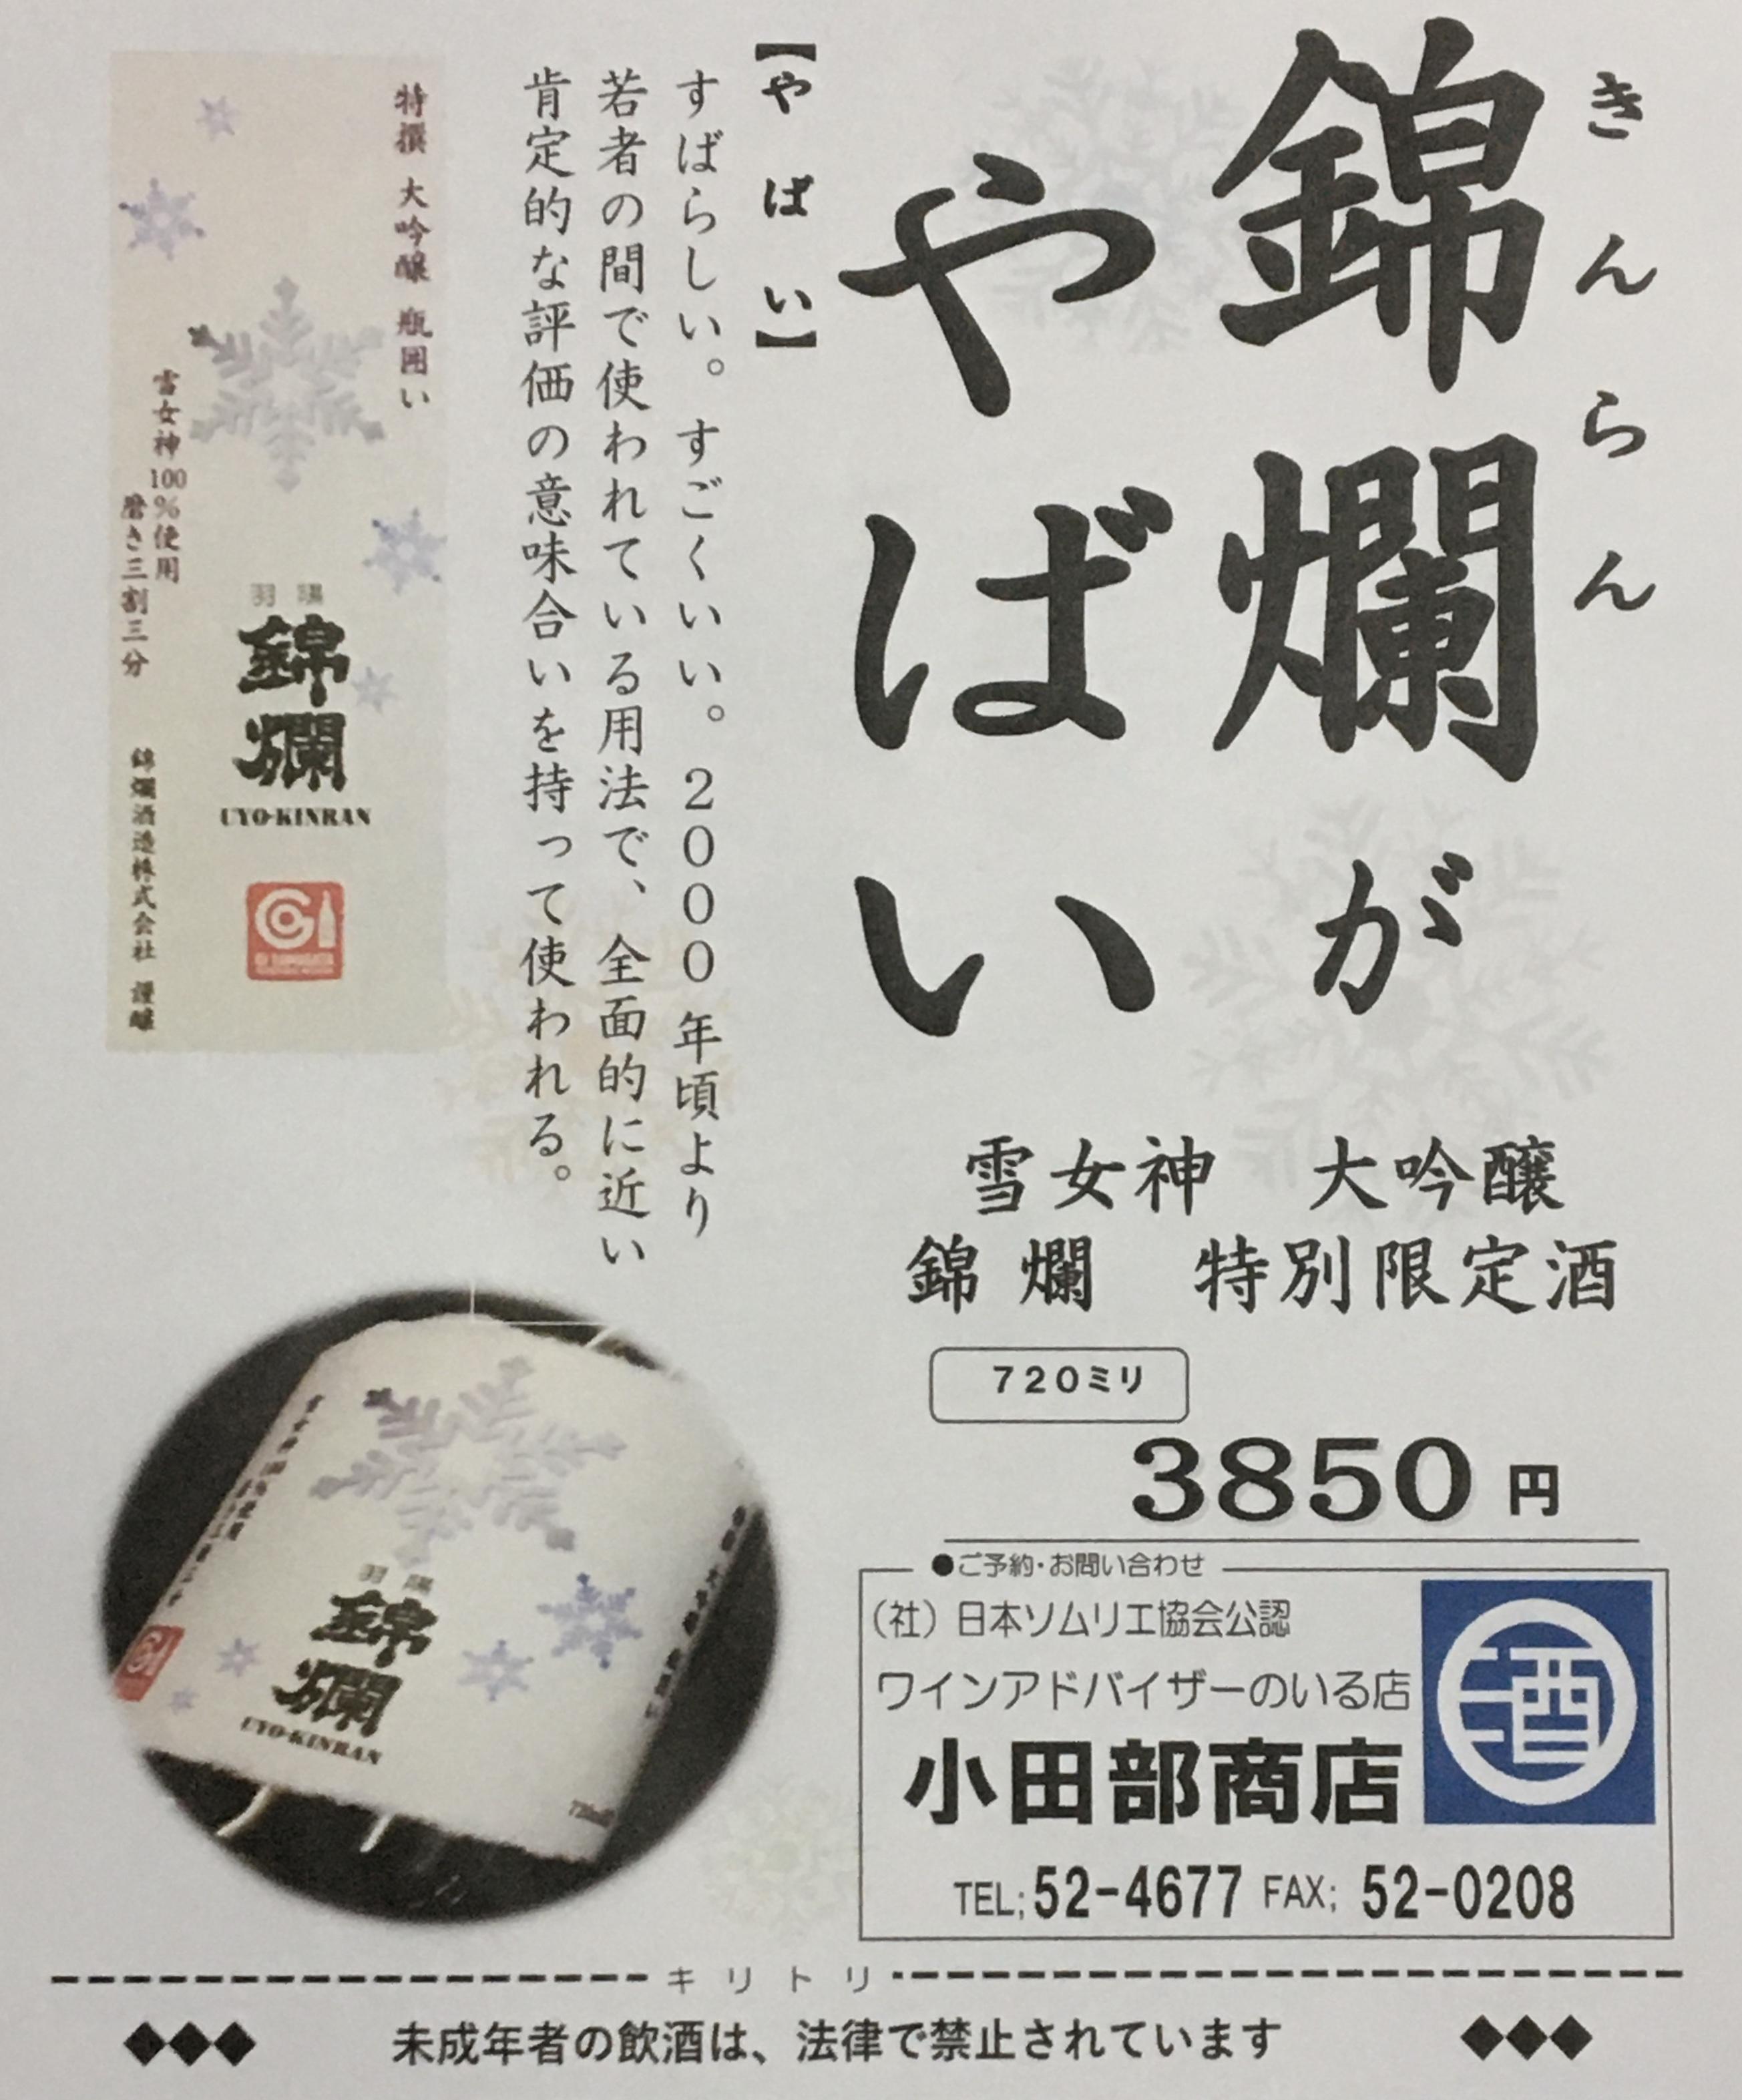 はい!小田部商店です!新発売 ヤバい 錦爛 雪女神 大吟醸